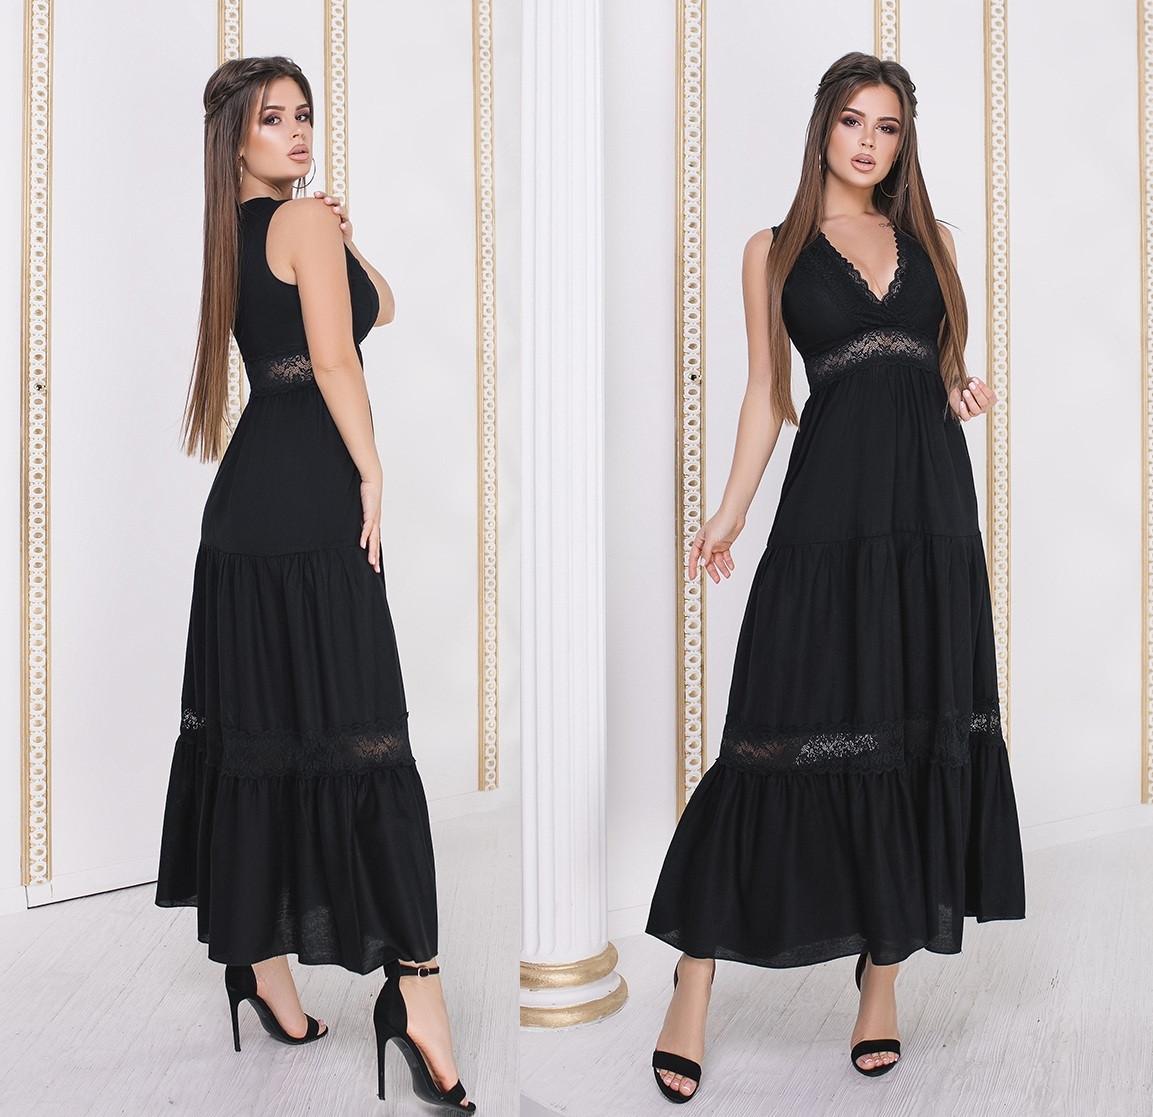 446016e86934097 Летнее длинное платье из льна. Чёрное, 4 цвета. Р-ры:42-44,44-46 ...